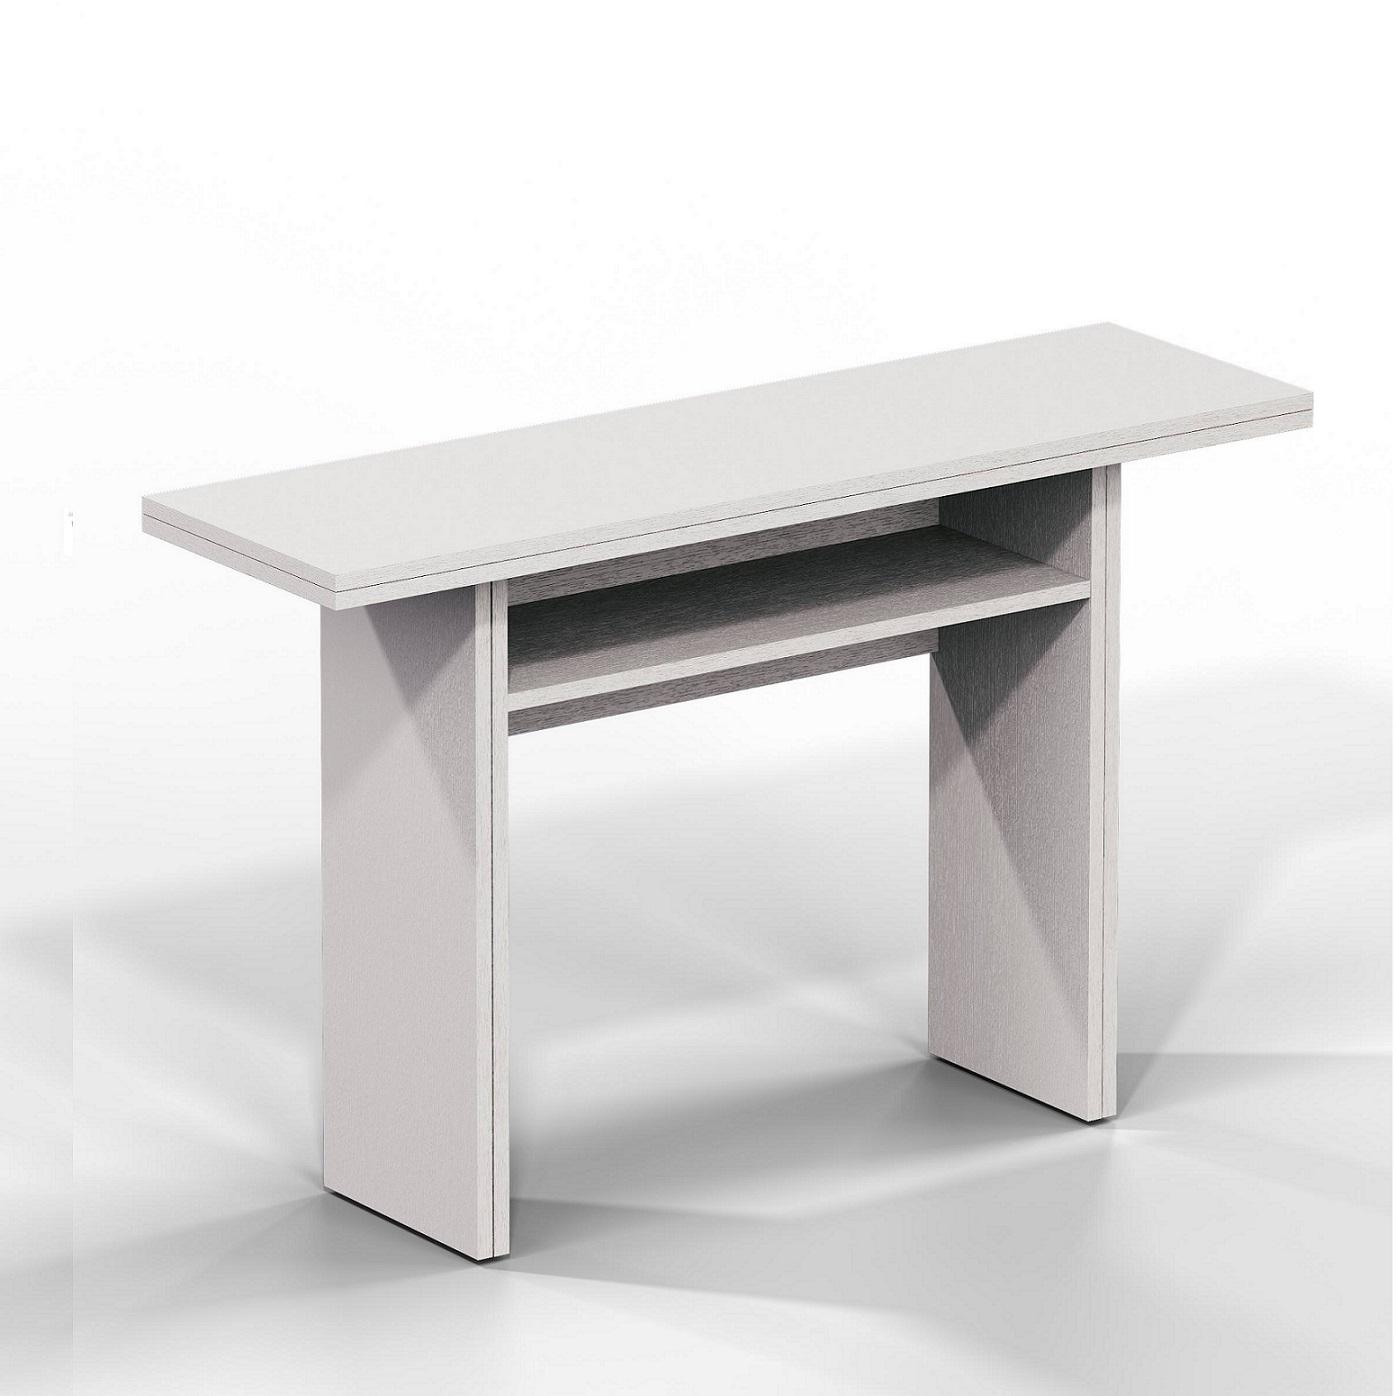 Tavolo Consolle Mezzaluna Allungabile.Tavolo Consolle Bianco El530 Terraneo Ebay